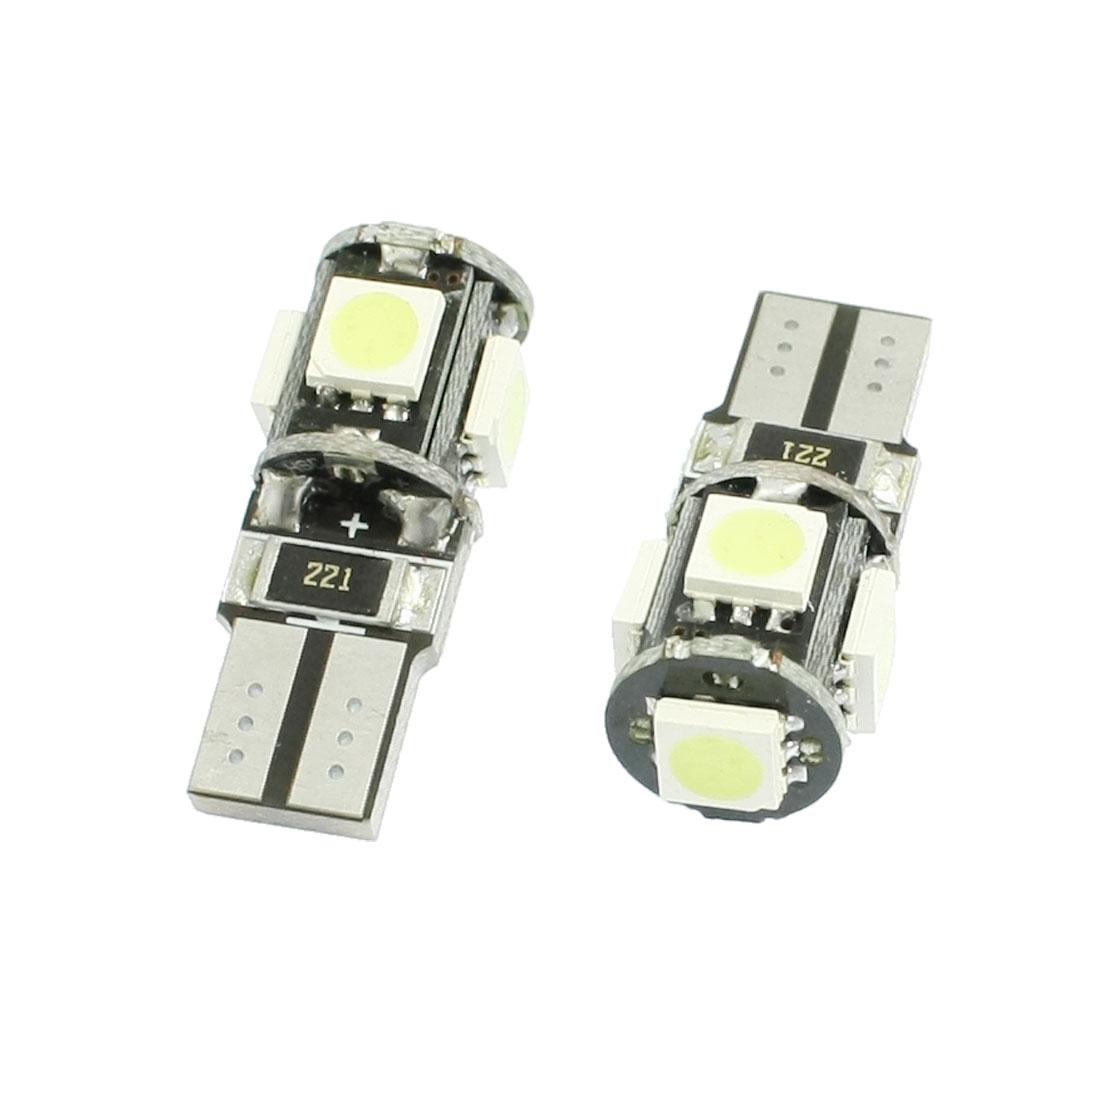 2 Pcs Car T10 194 168 White 5050 SMD 5 LED Wedge Turn Tail Brake Light Bulb Lamp